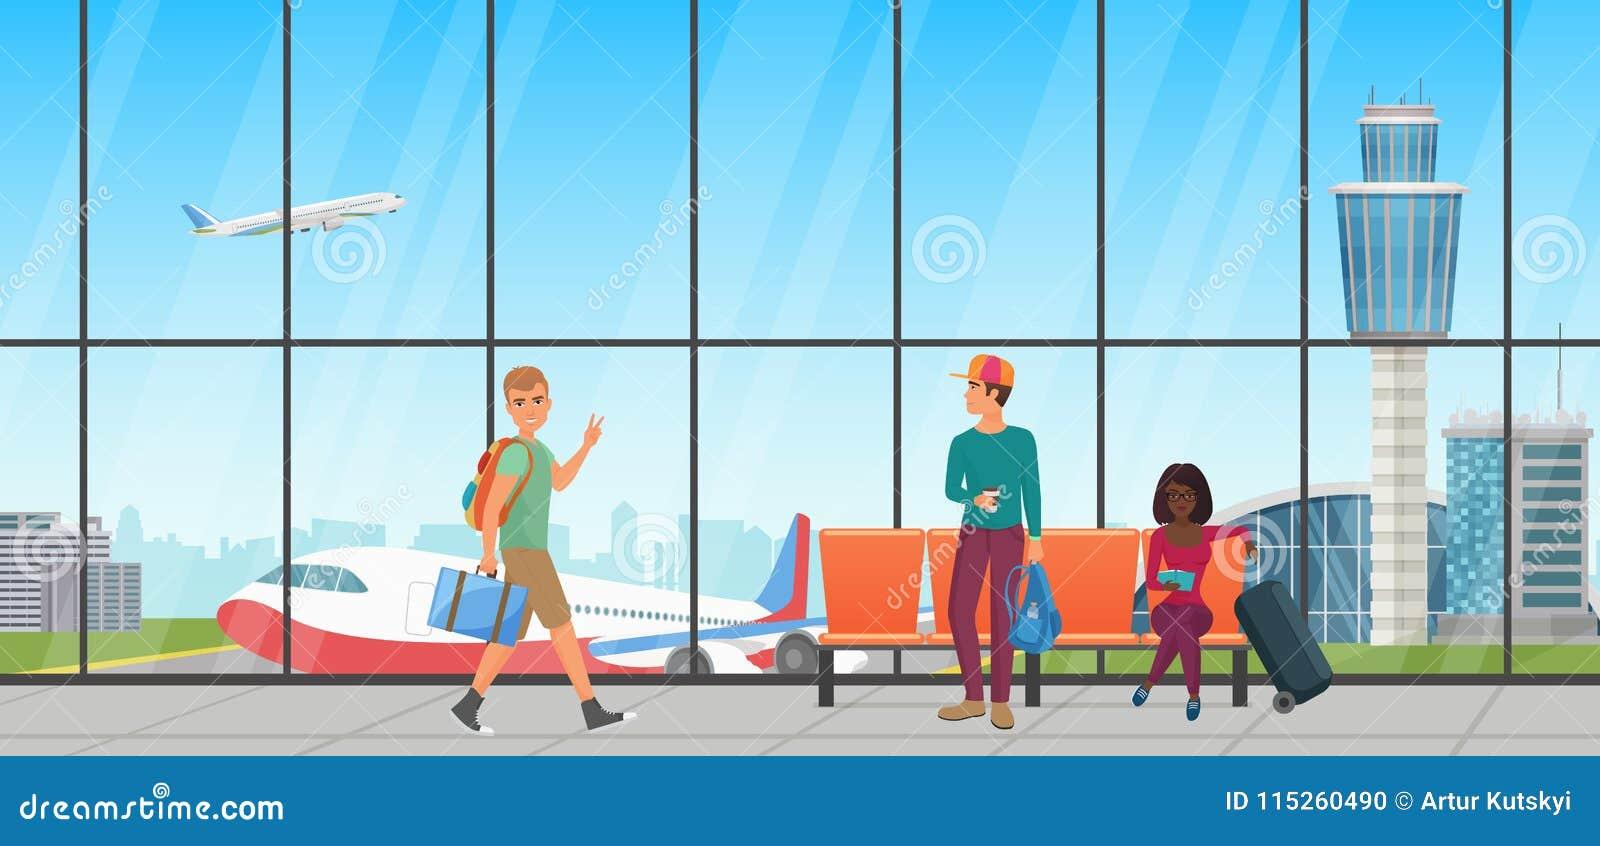 机场蓝色空间被定调子的等待 有椅子和人的离开休息室 终端大厅有飞机视图